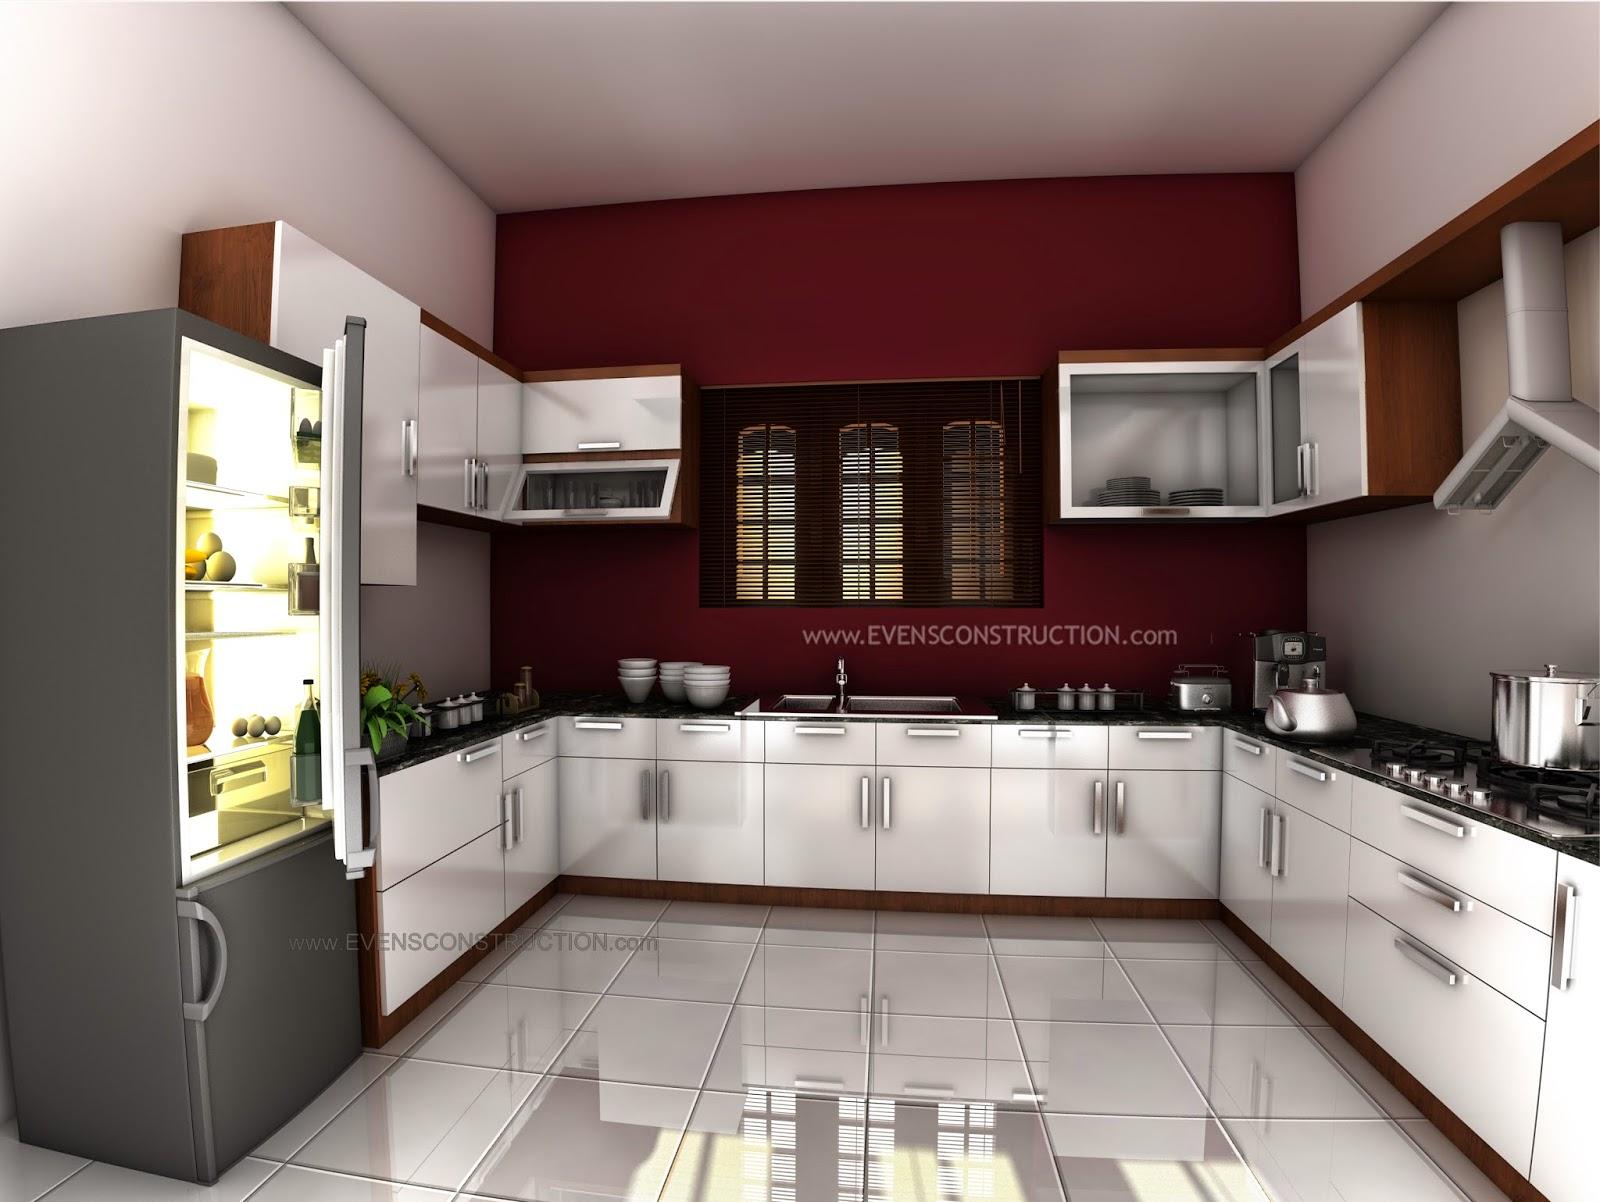 kitchen 13 08 14